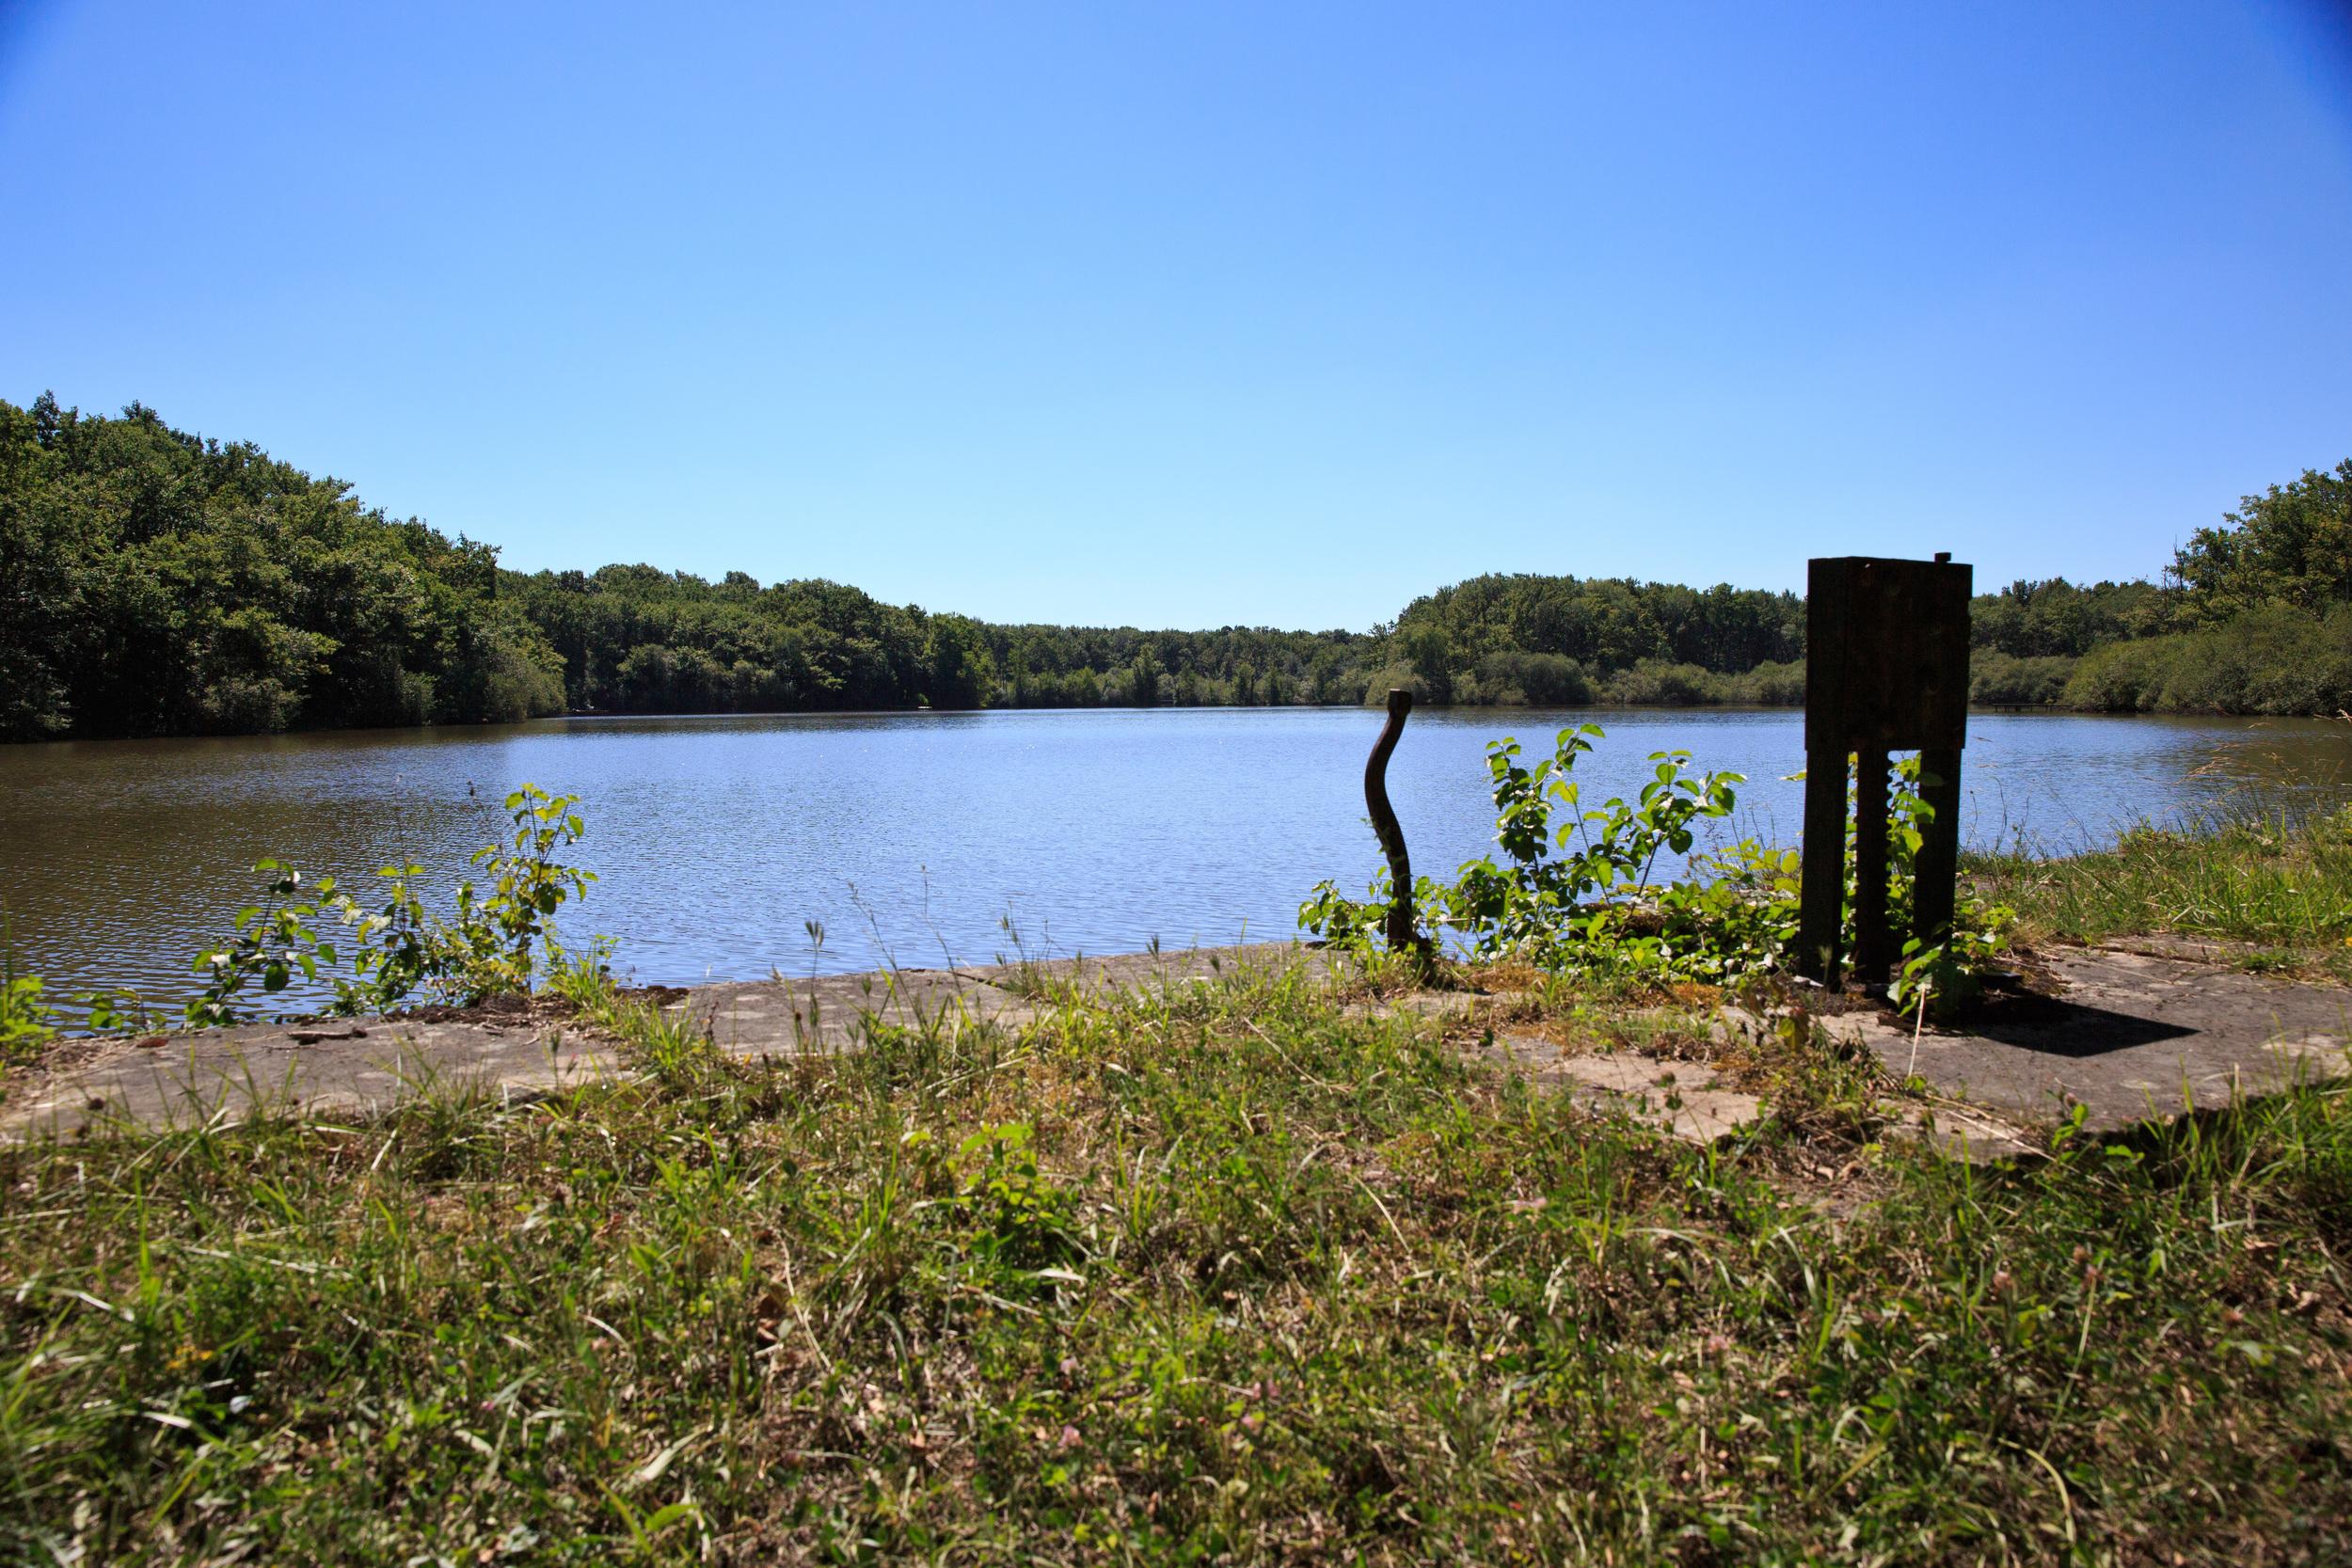 Lake-Meillant-2013_158.jpg